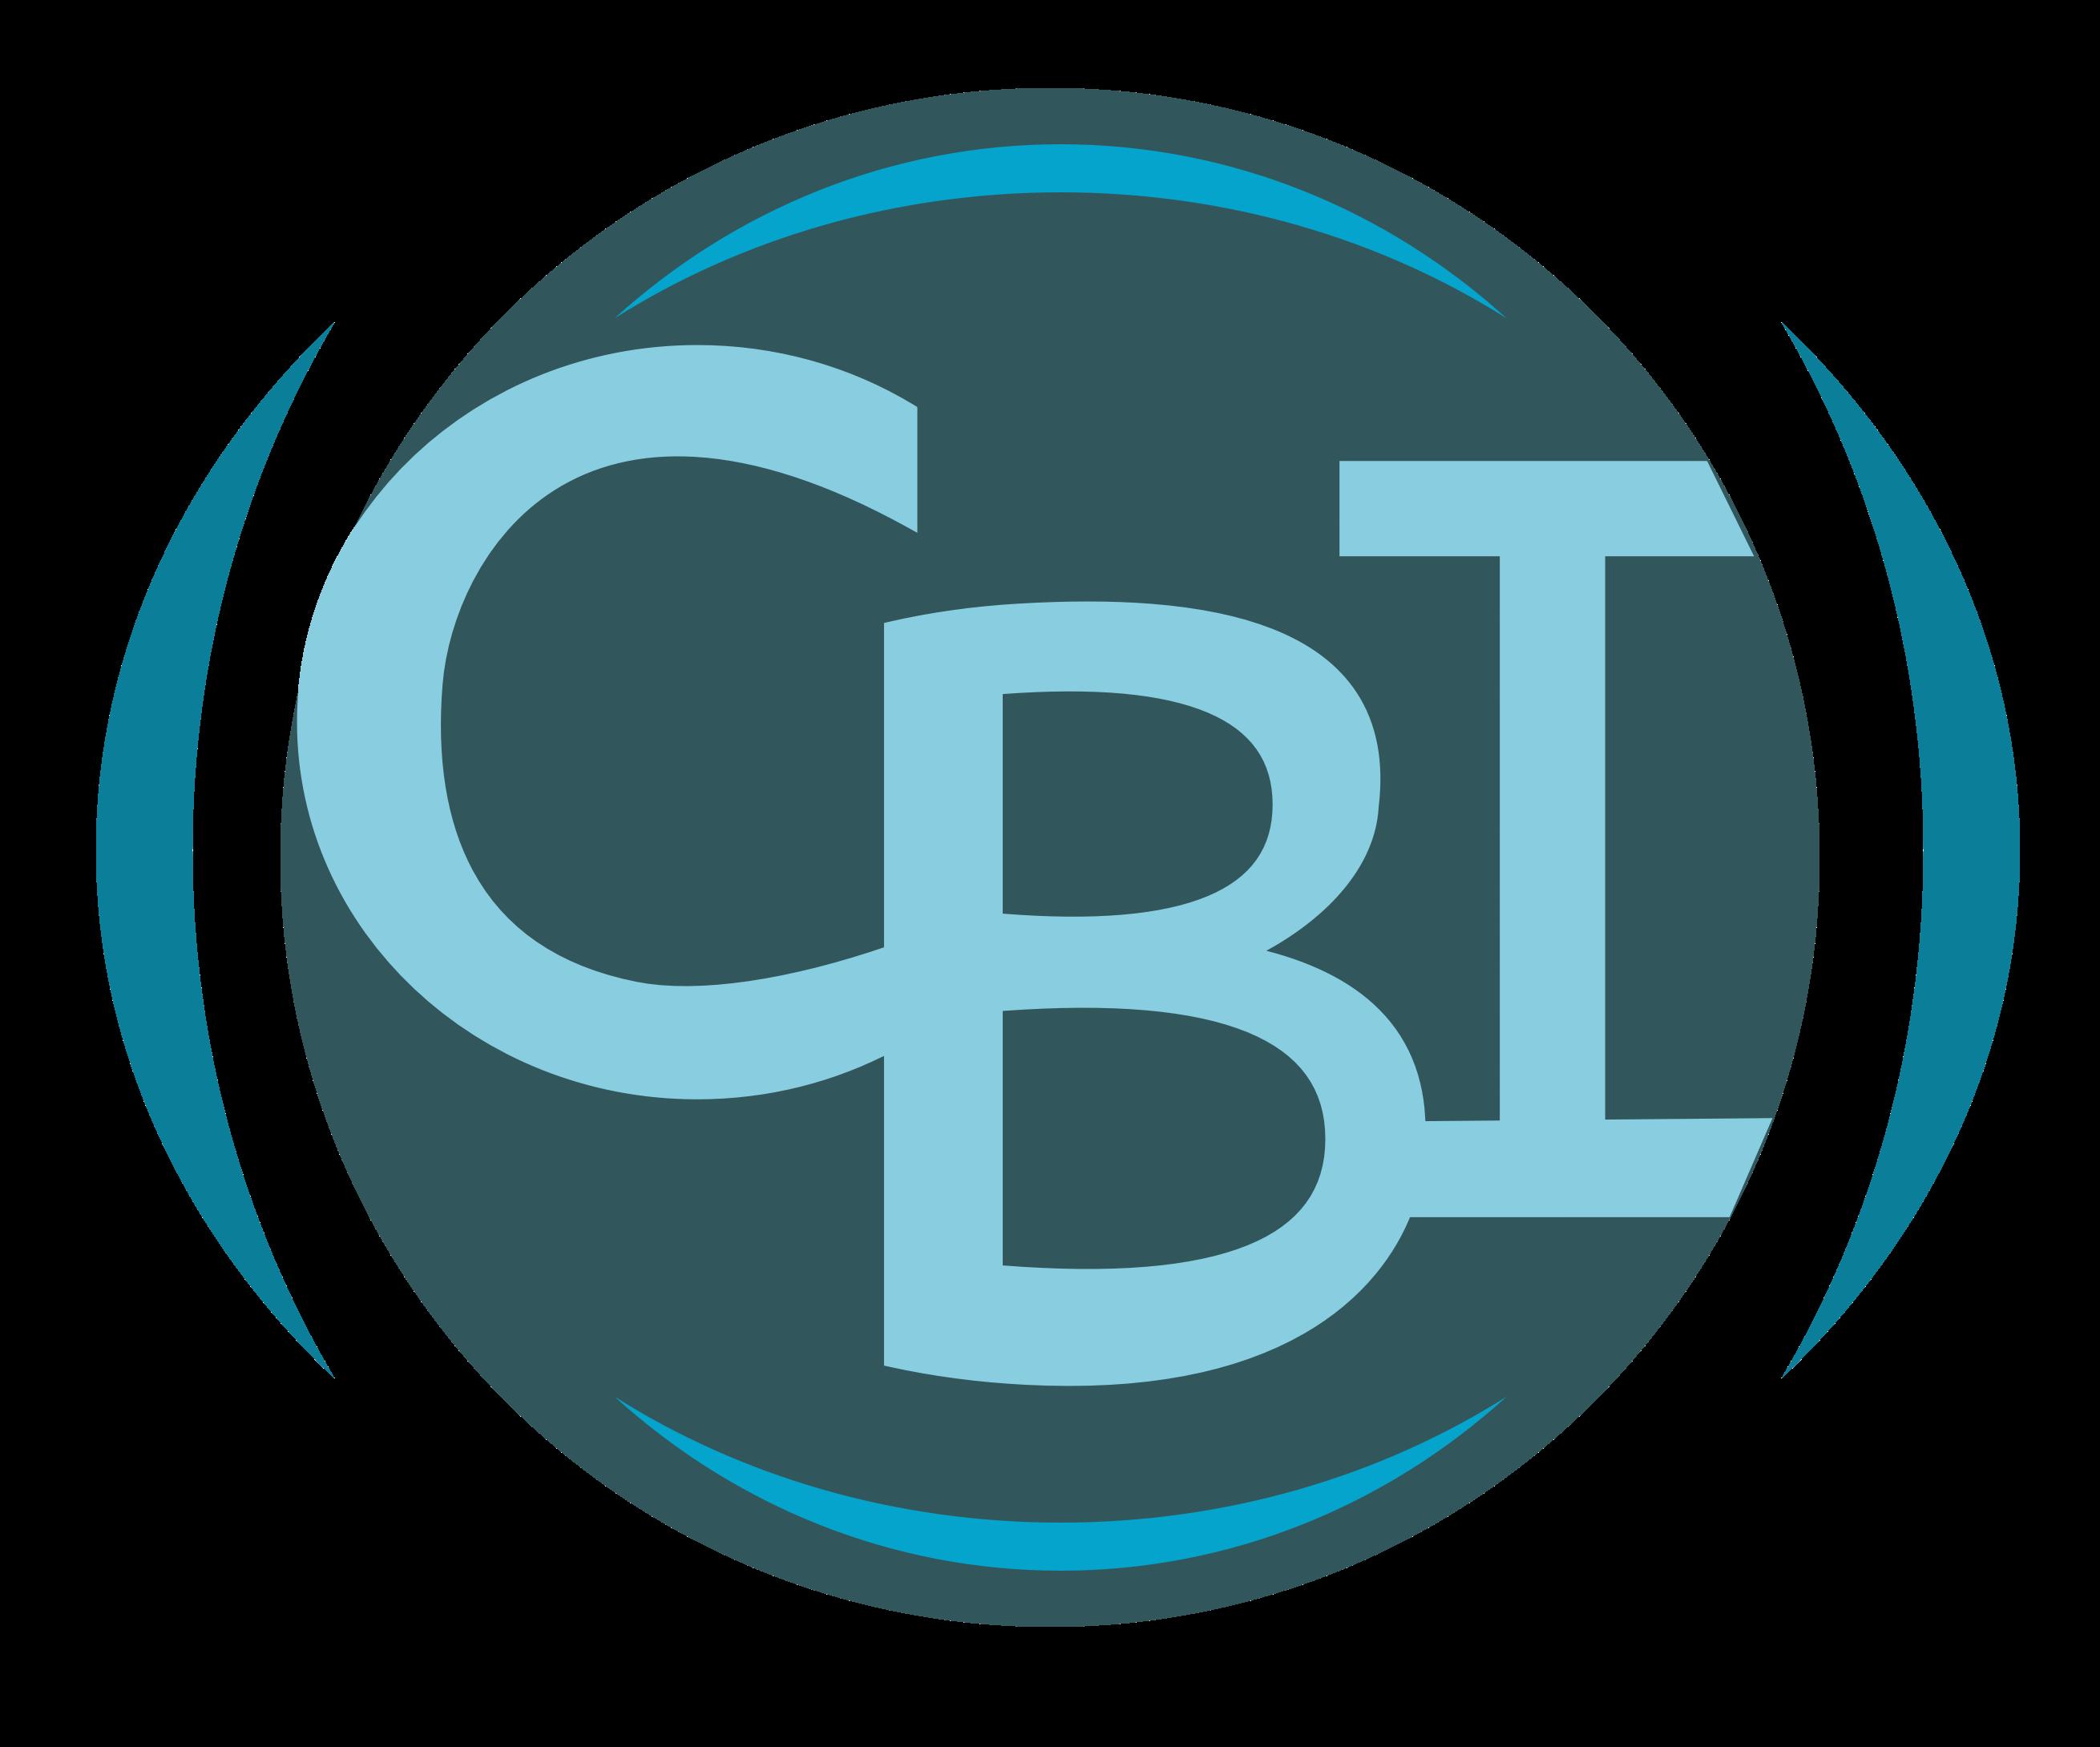 CBI Telecommunications